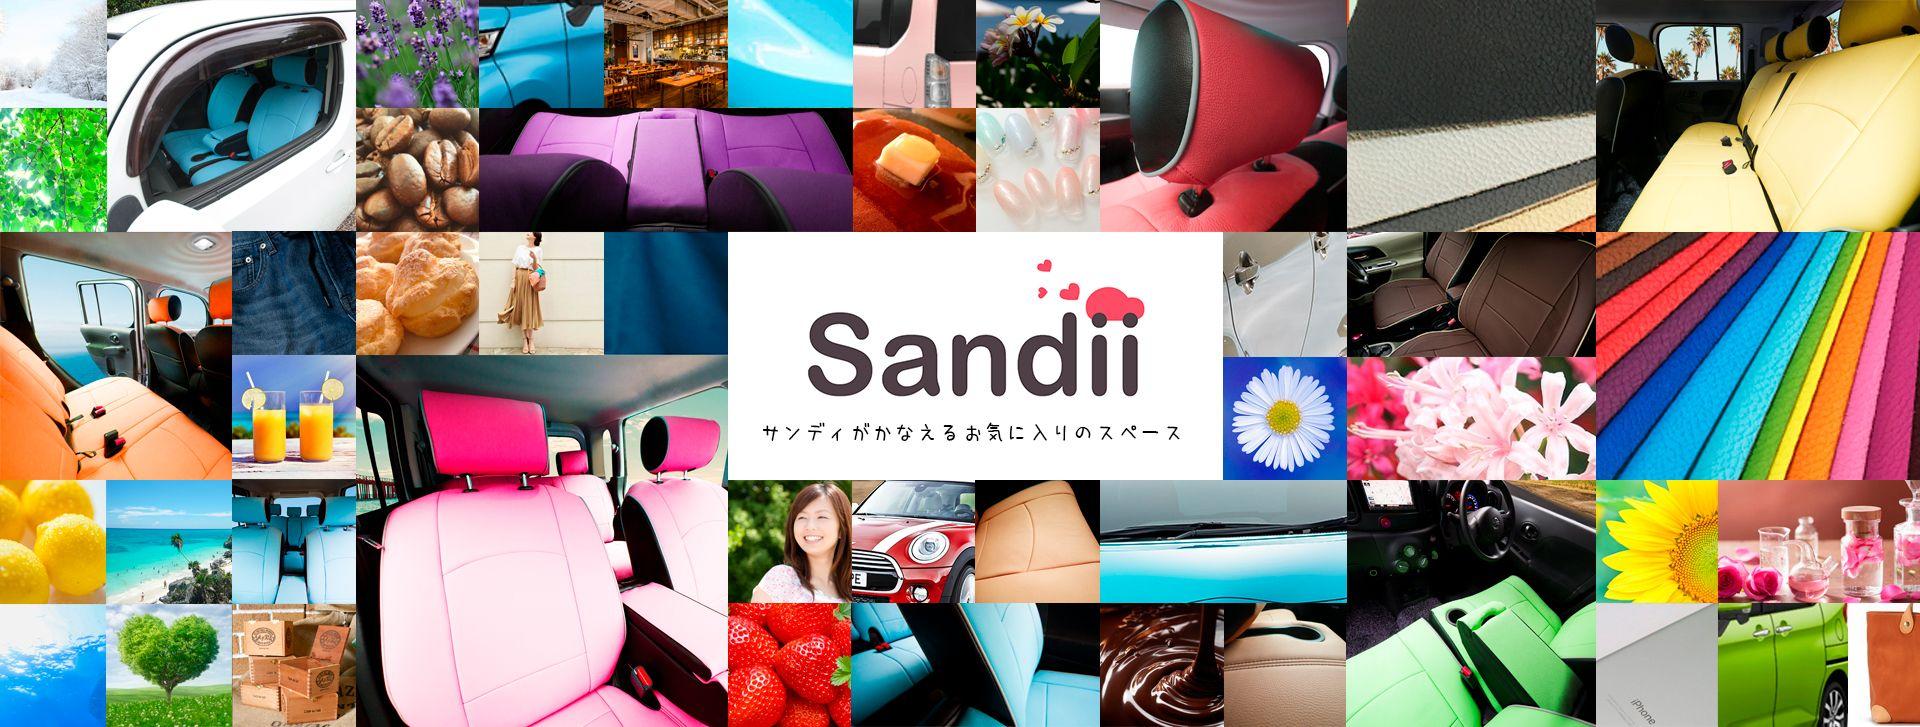 Sandiiがかなえるお気に入りのスペース